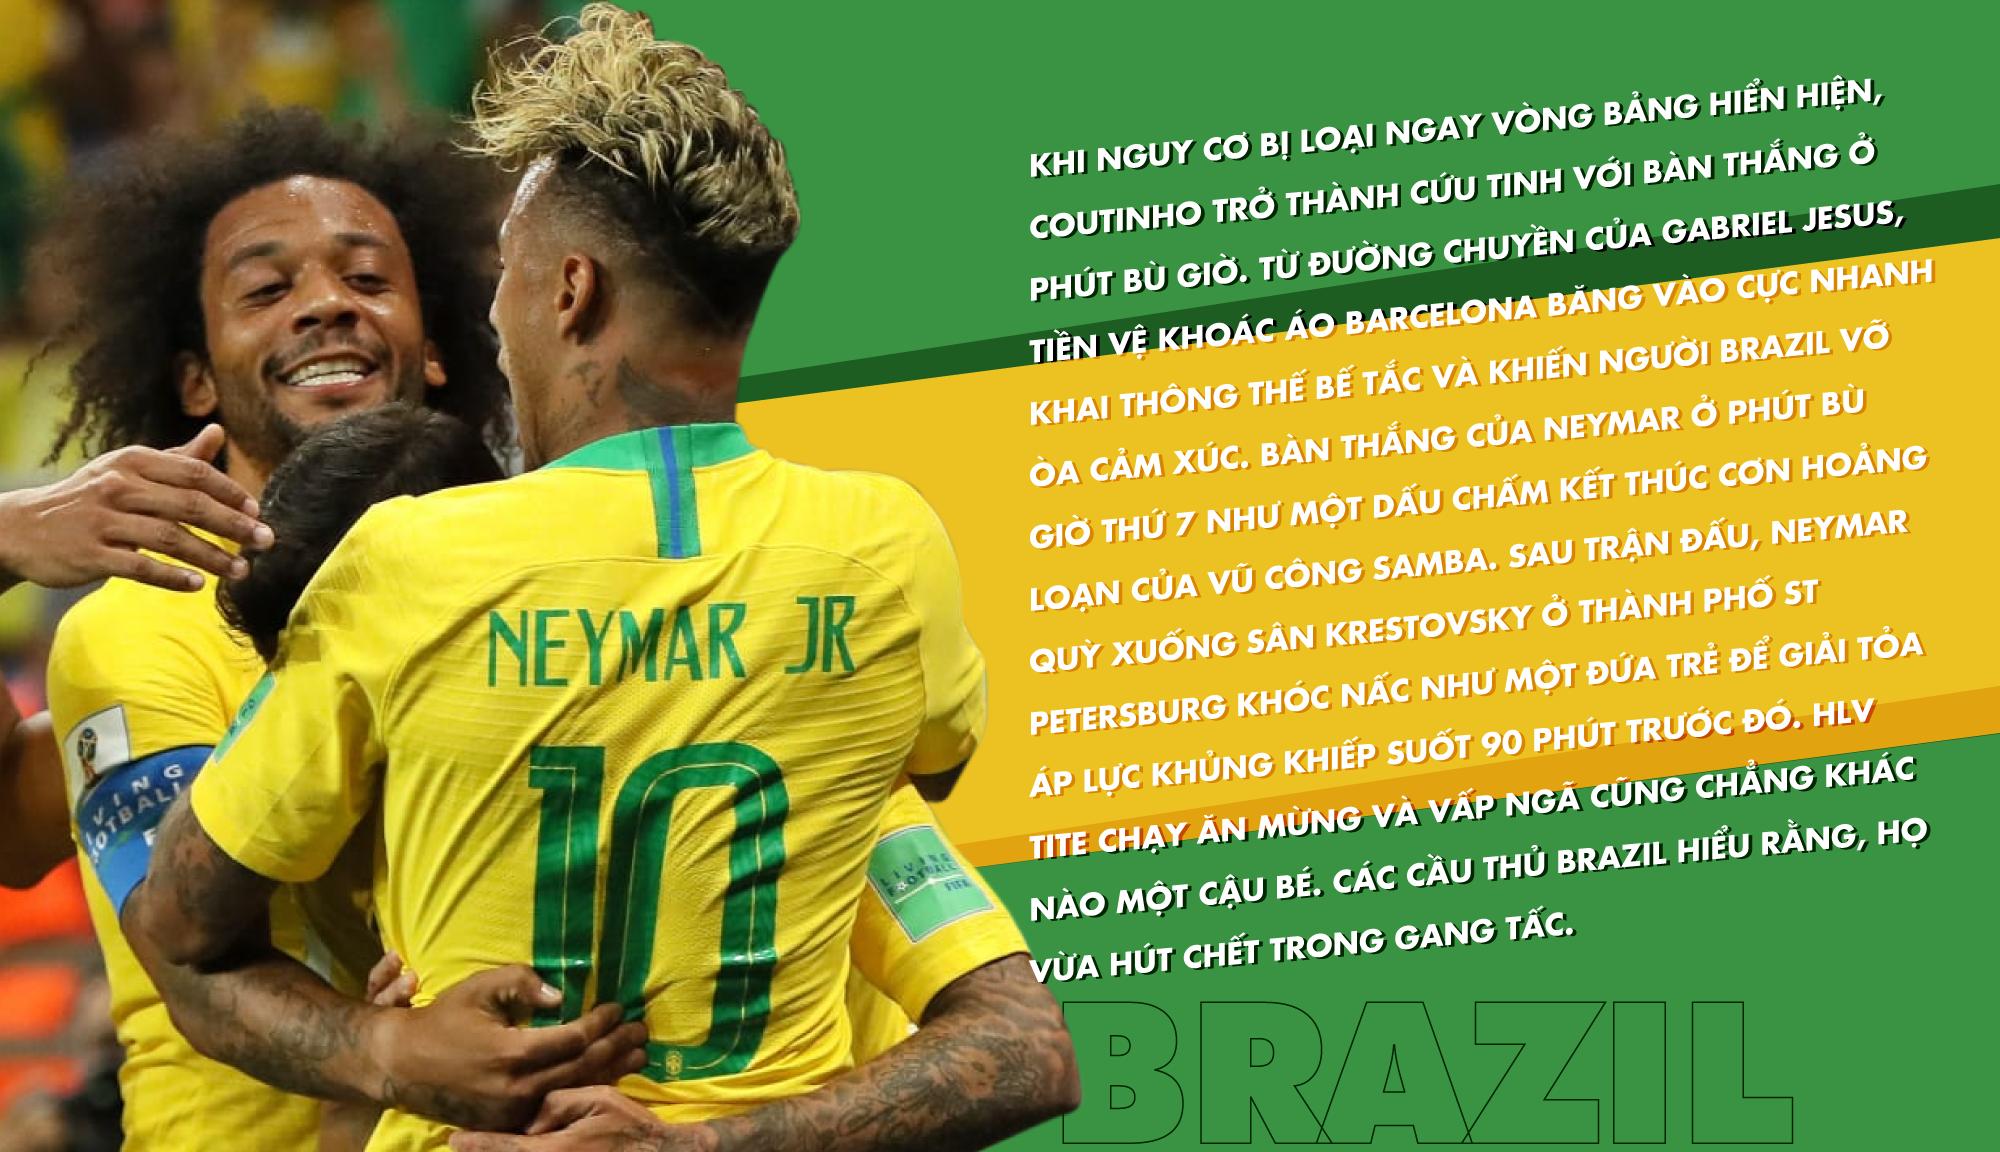 """[MAGAZINE] Những màn THOÁT HiỂM """"vỡ tim"""" và những cơn ĐỊA CHẤN động trời tại FIFA World Cup™ 2018 - Ảnh 13."""